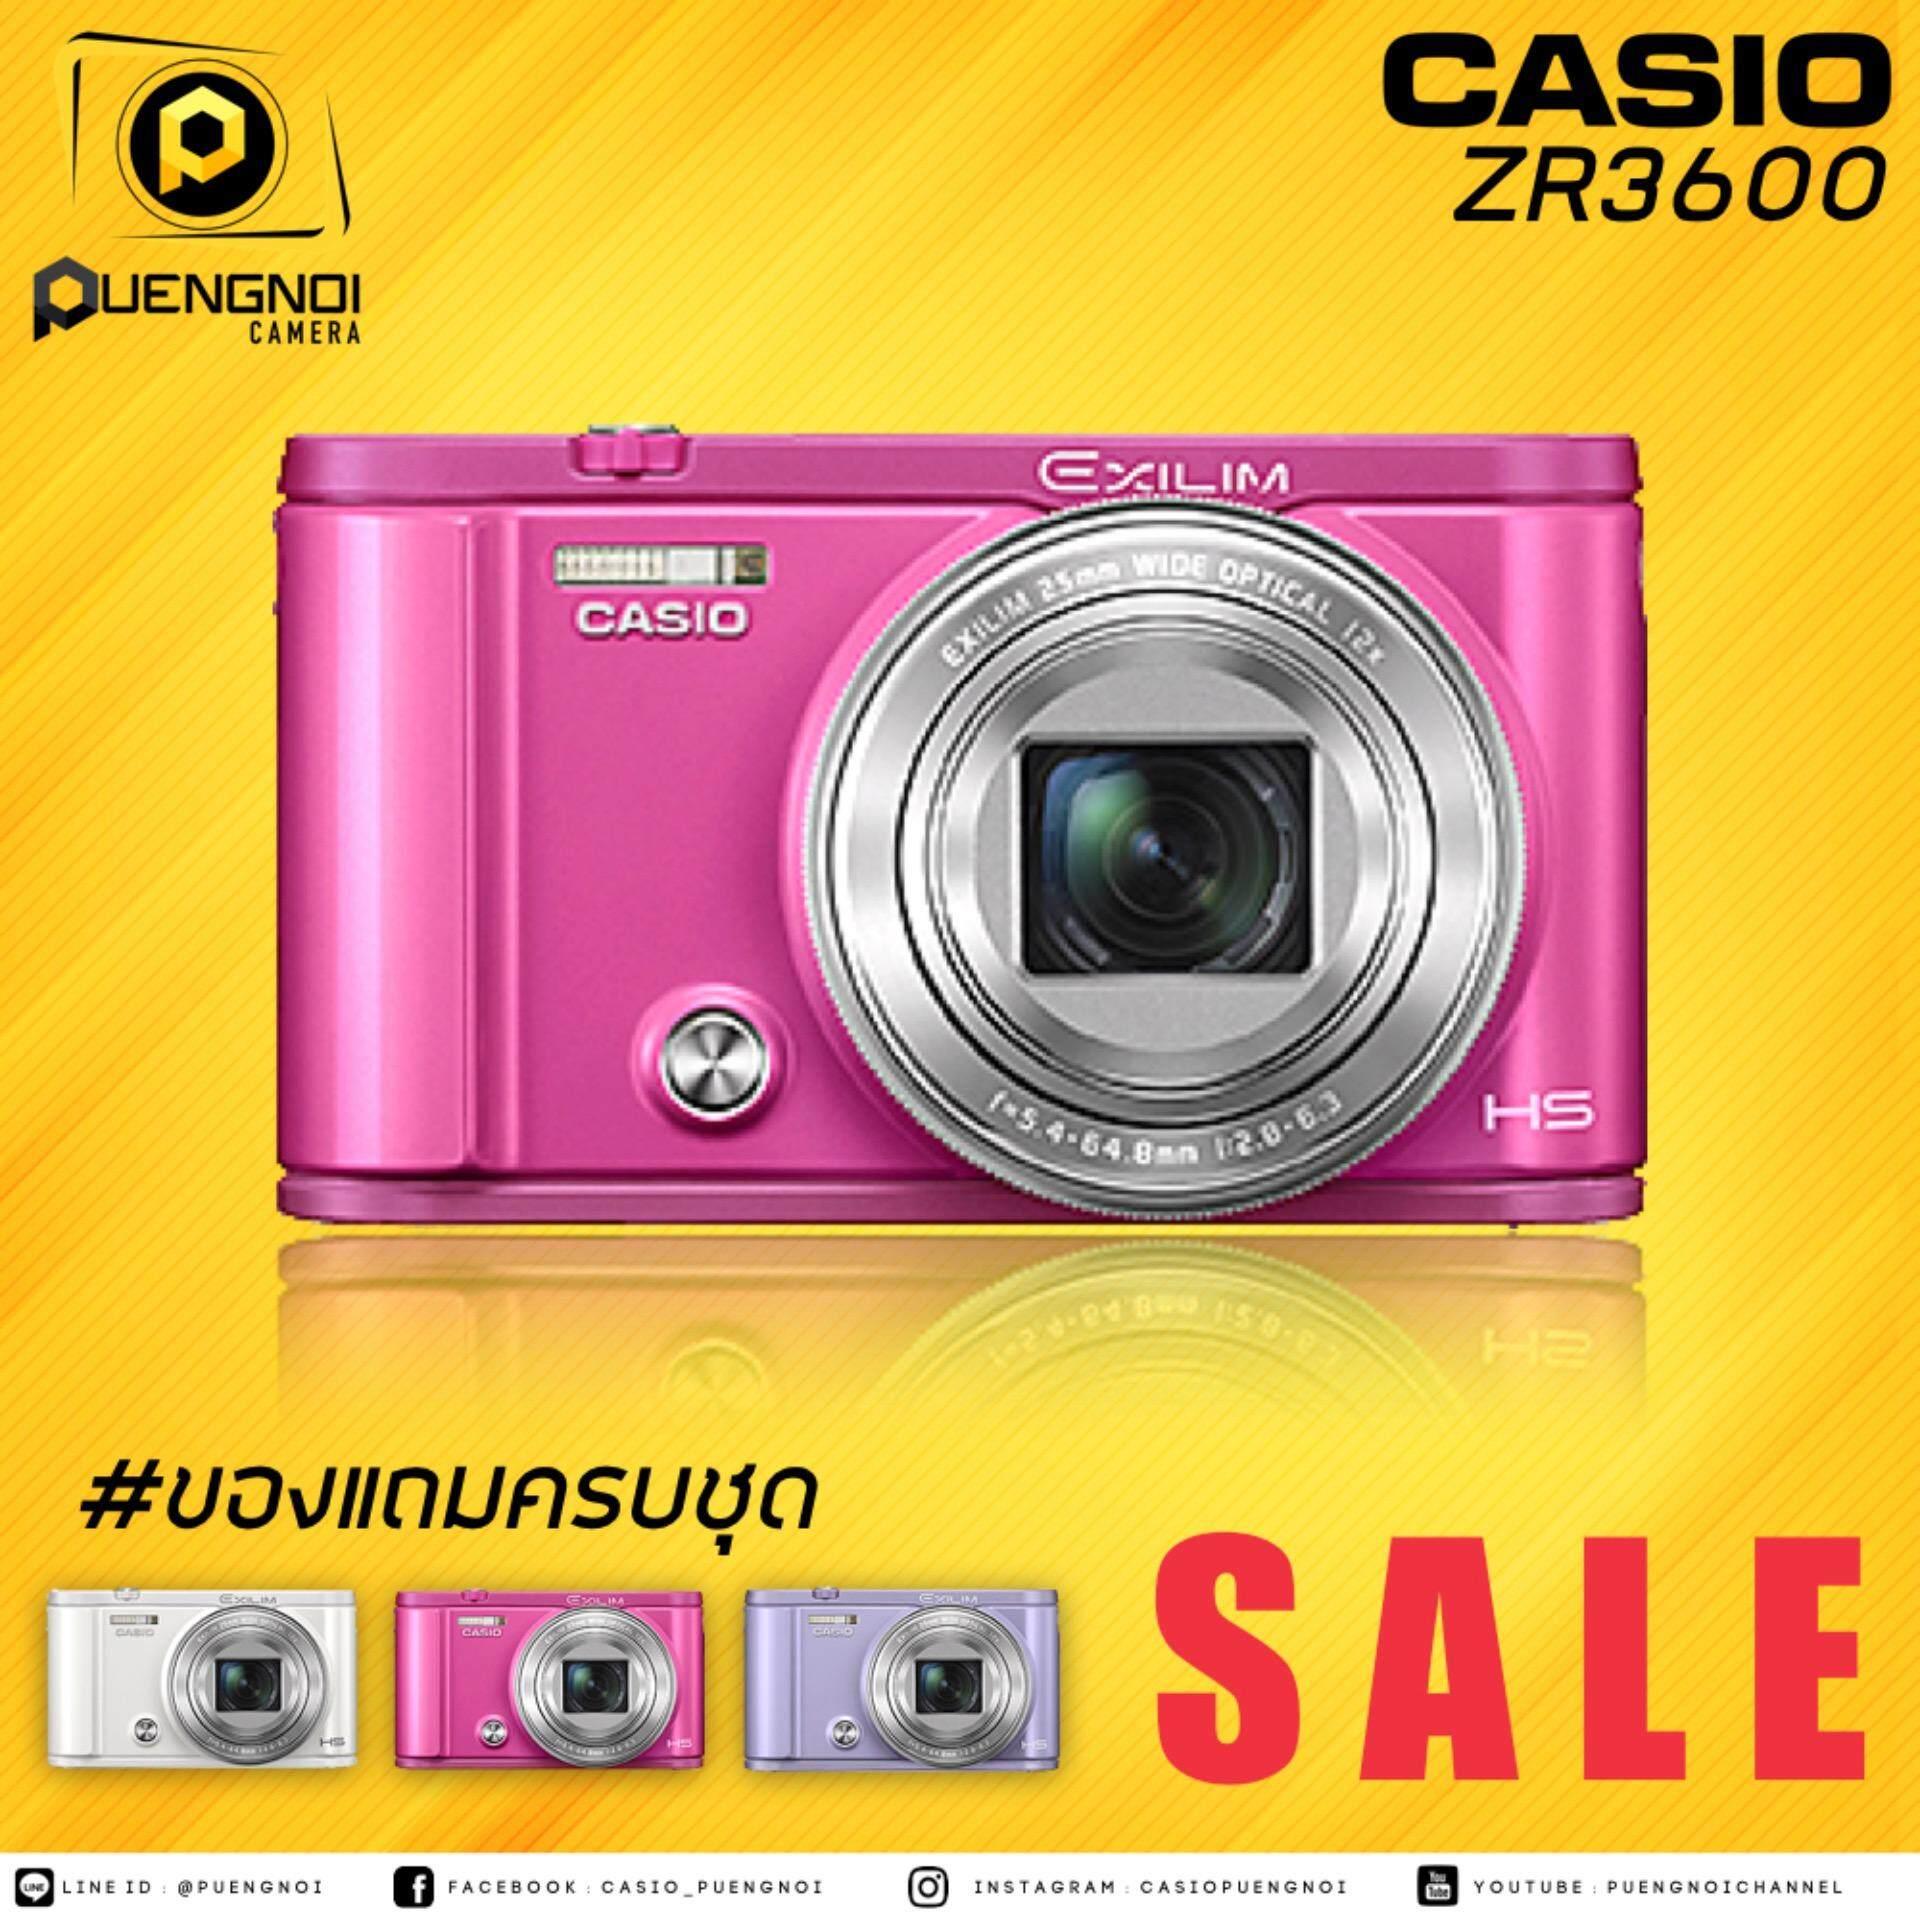 ซื้อ Casio Exilim Zr3600 Casio ถูก